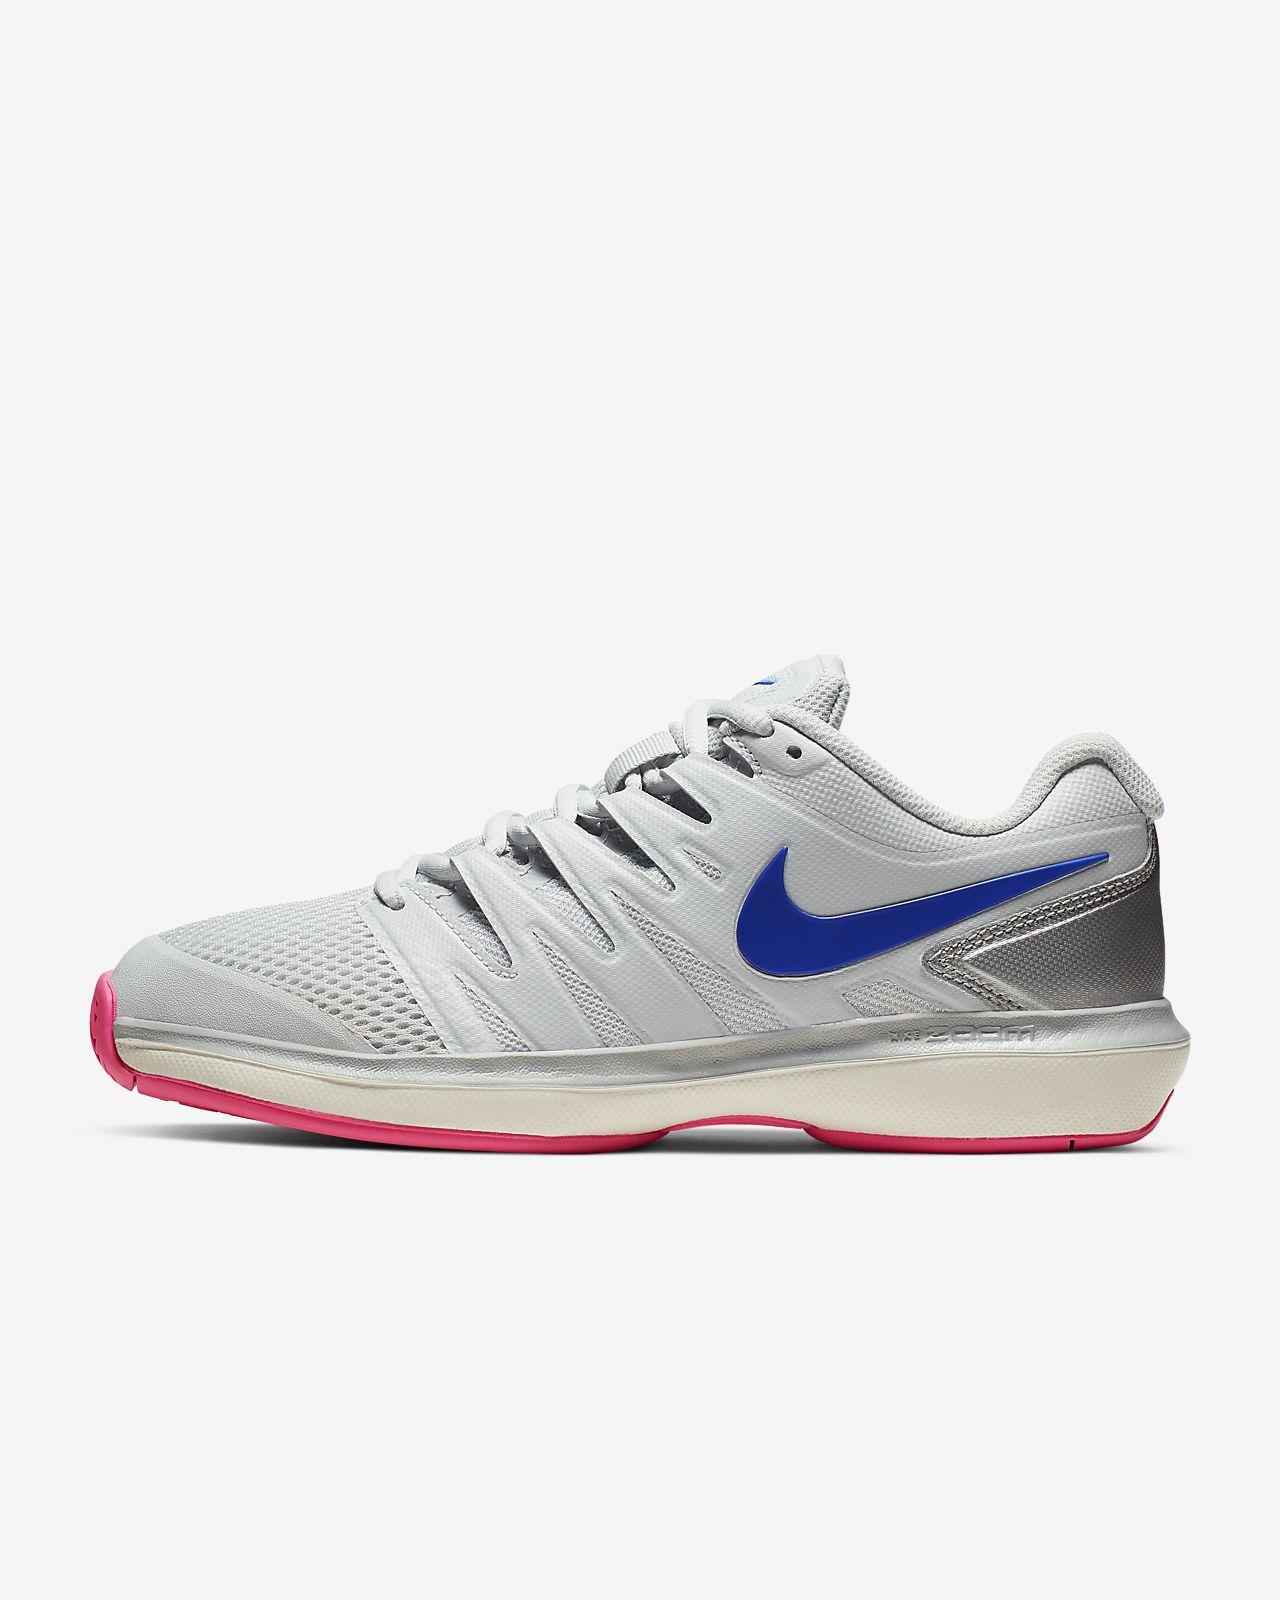 Chaussure de tennis NikeCourt Air Zoom Prestige pour Femme